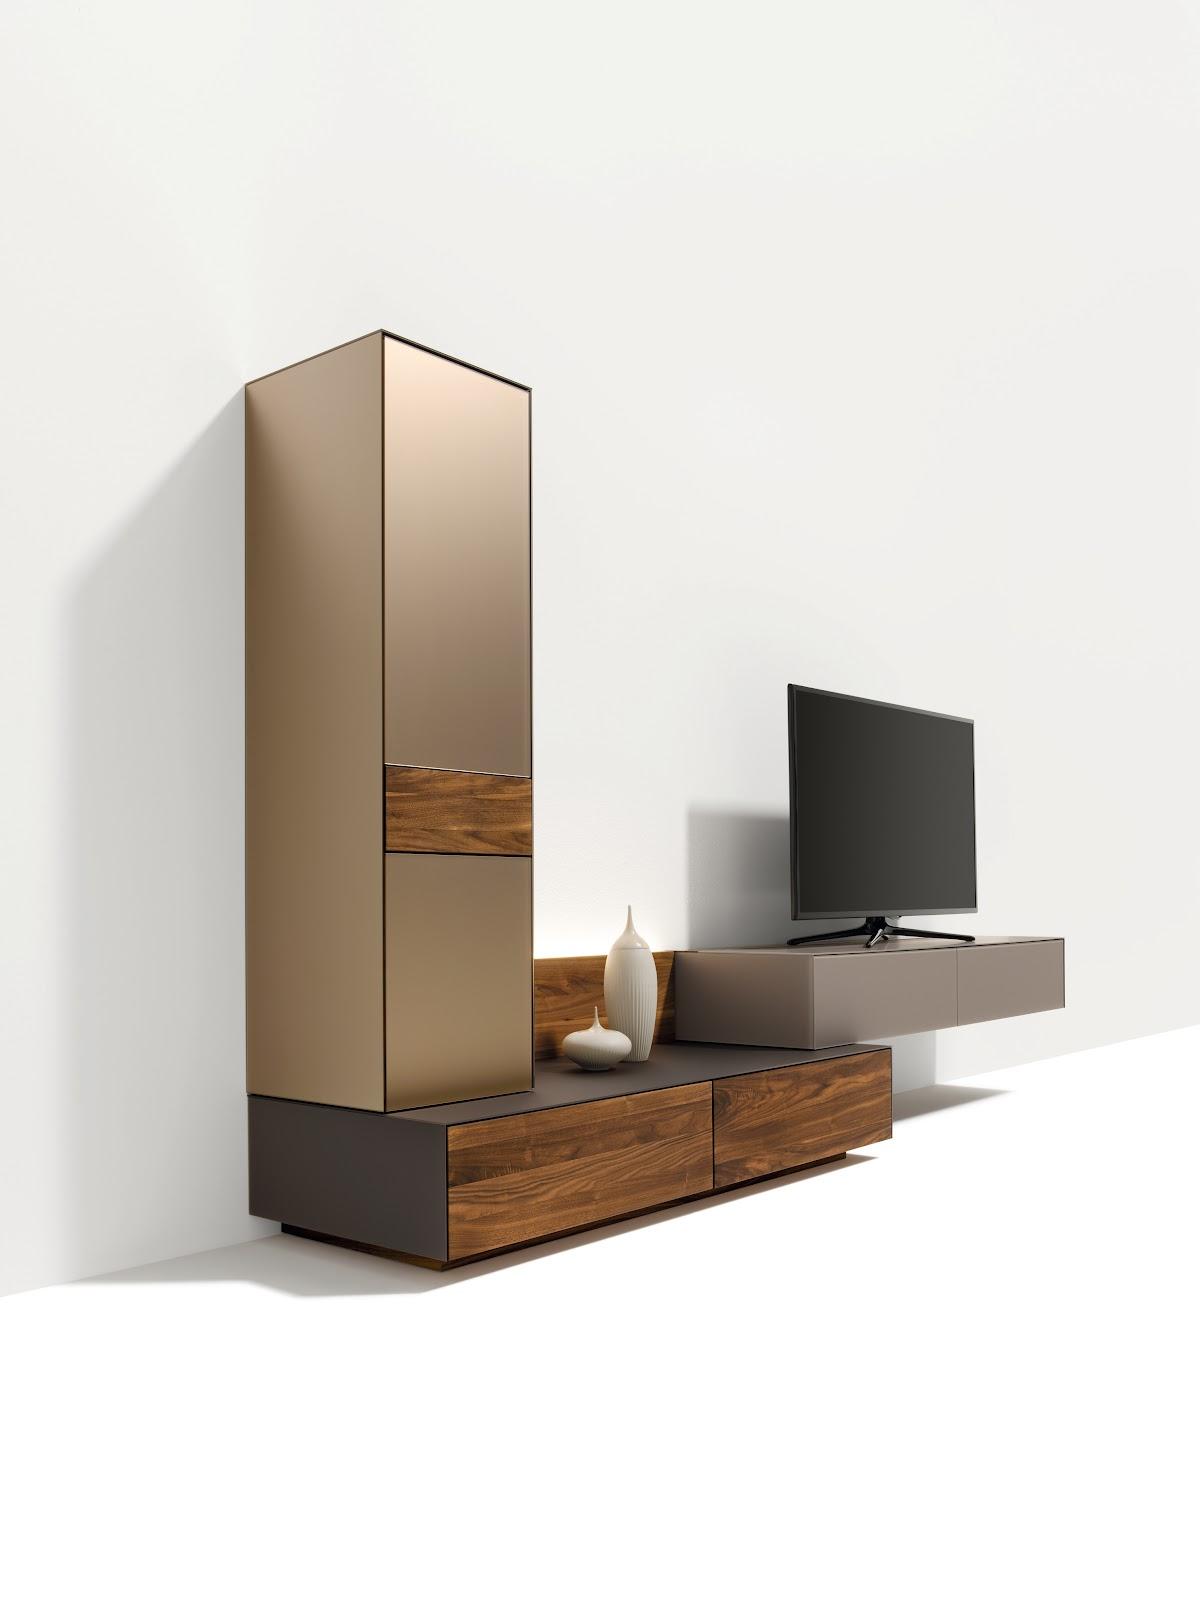 Ikea Wohnzimmerverbau Gebraucht Wohnzimmer Sitzlandschaft